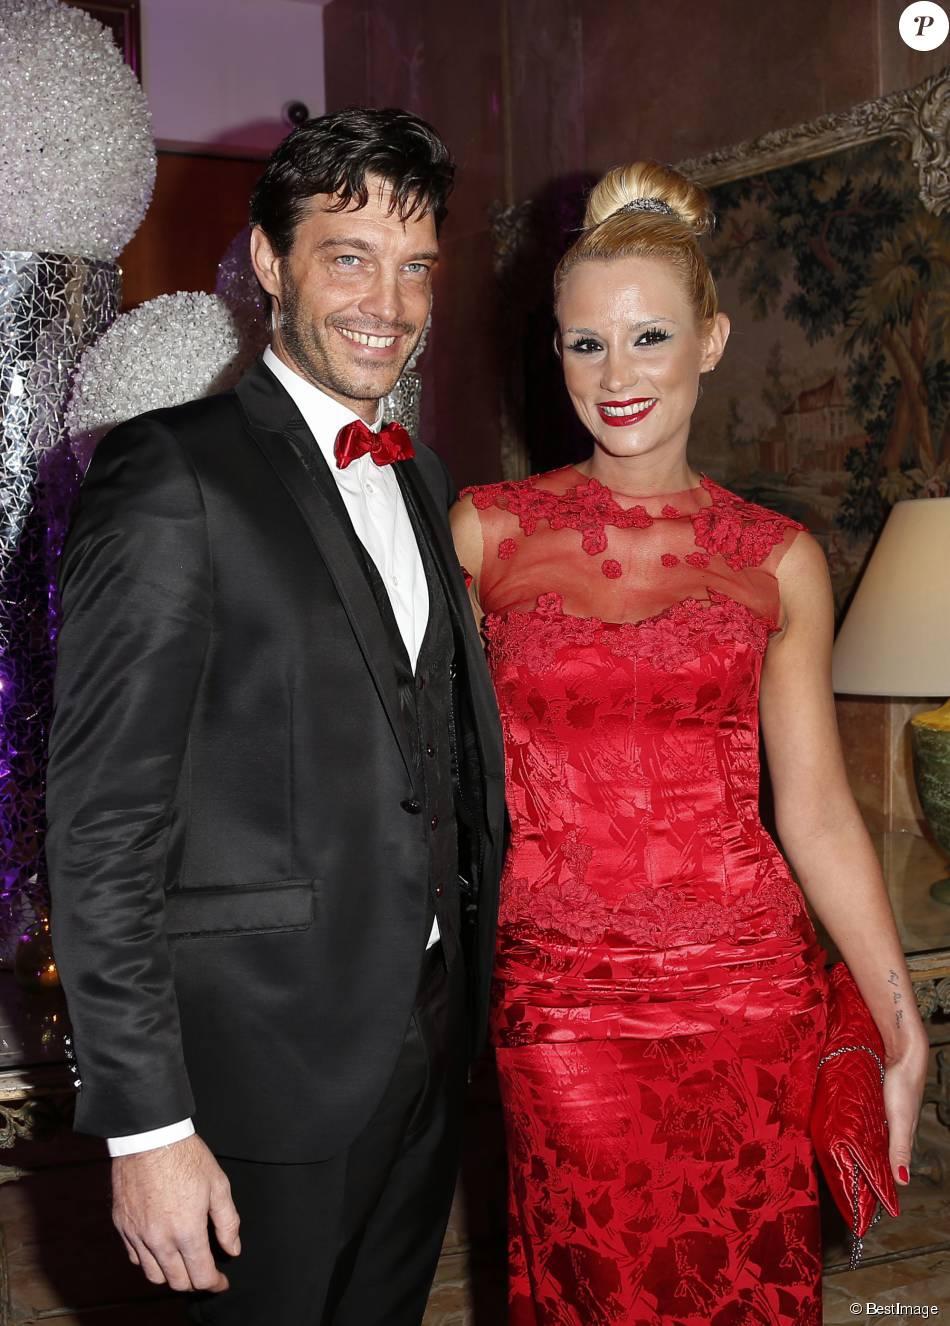 Elodie gossuin et son mari bertrand lacherie 38e dition de la c r monie des best au salon - Elodie gossuin et bertrand lacherie ...